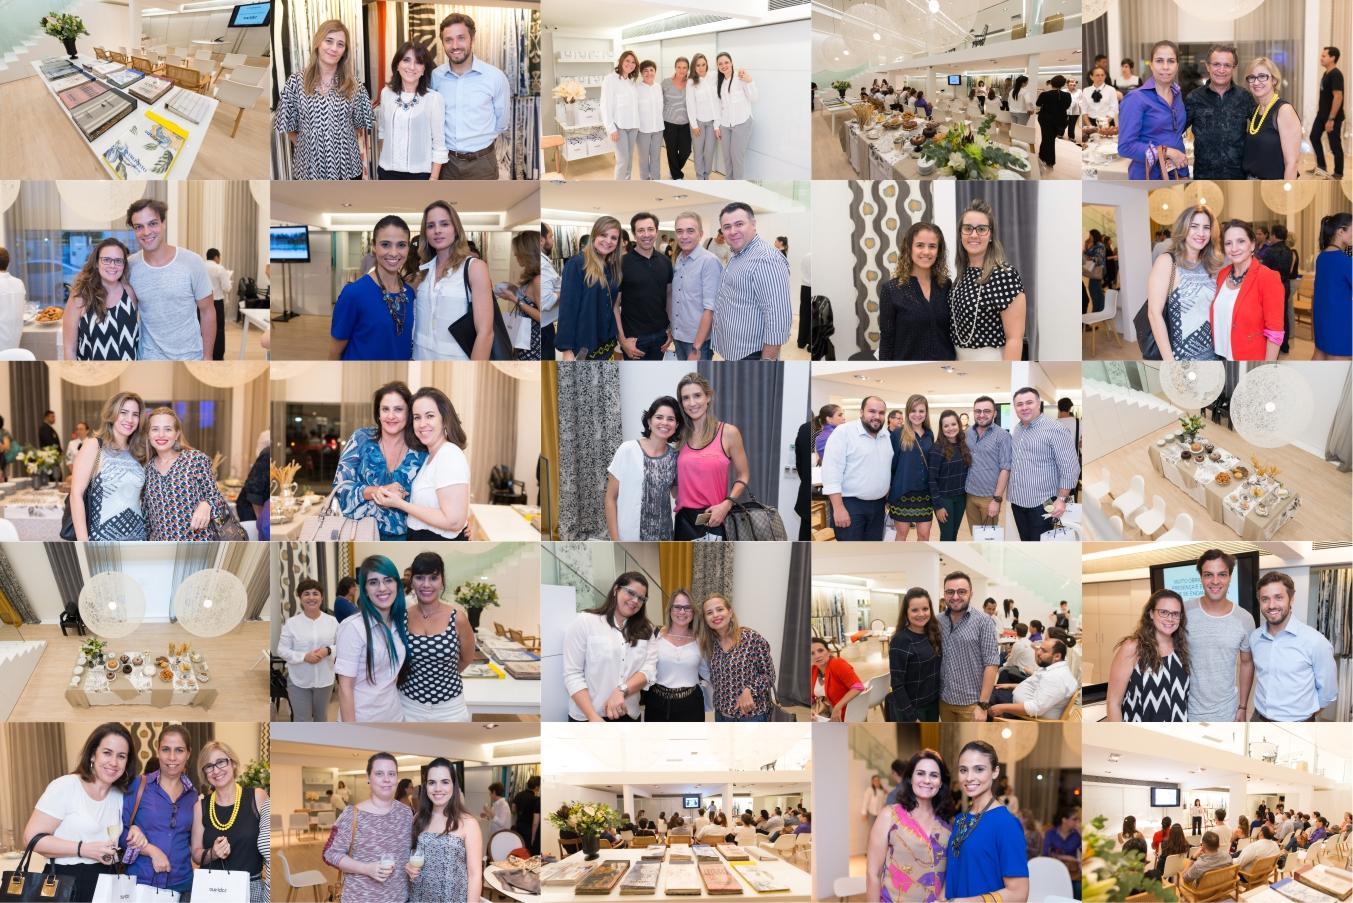 fotos-evento-14297994590